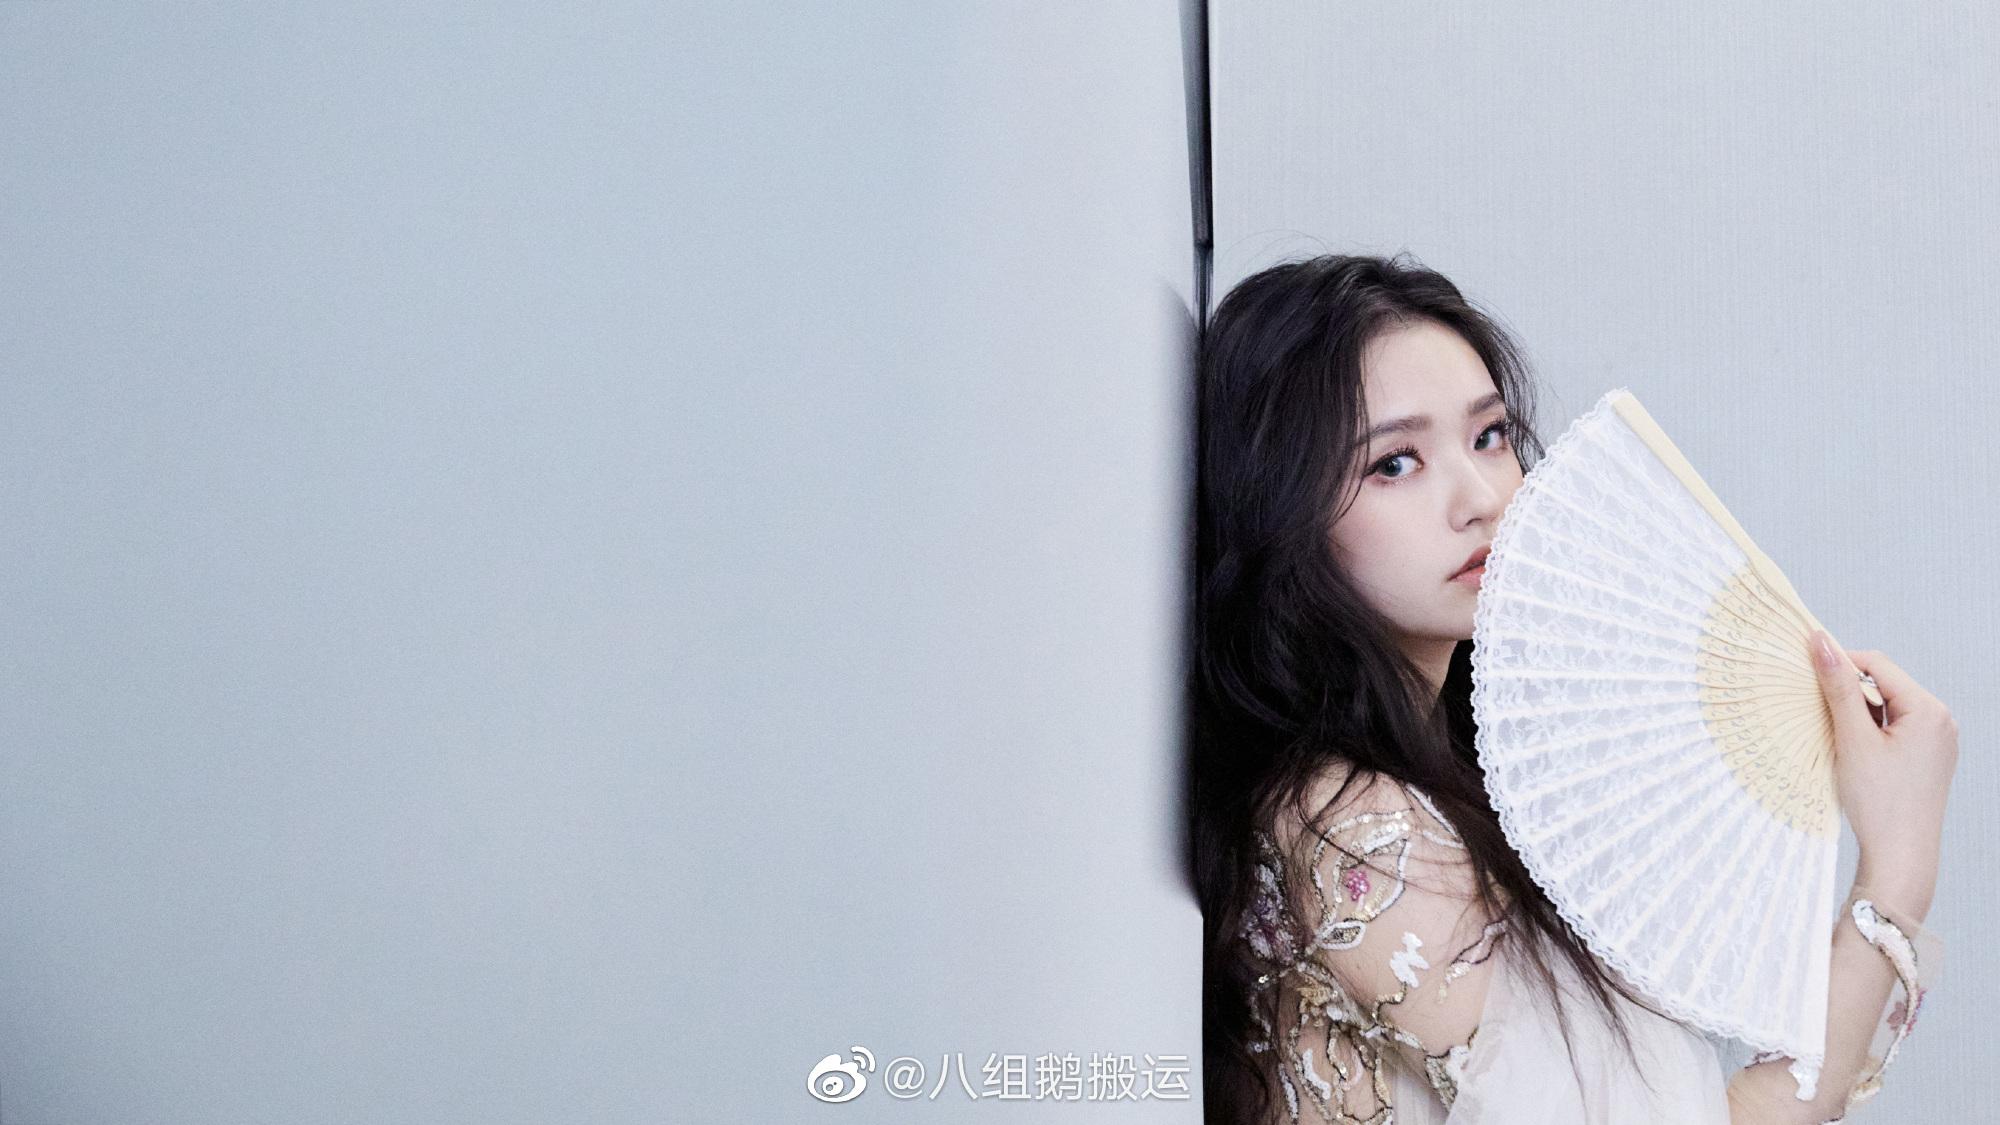 白玫瑰空降湖南卫视直播间,眼睛简直挪不开,中国女孩就是美!当然